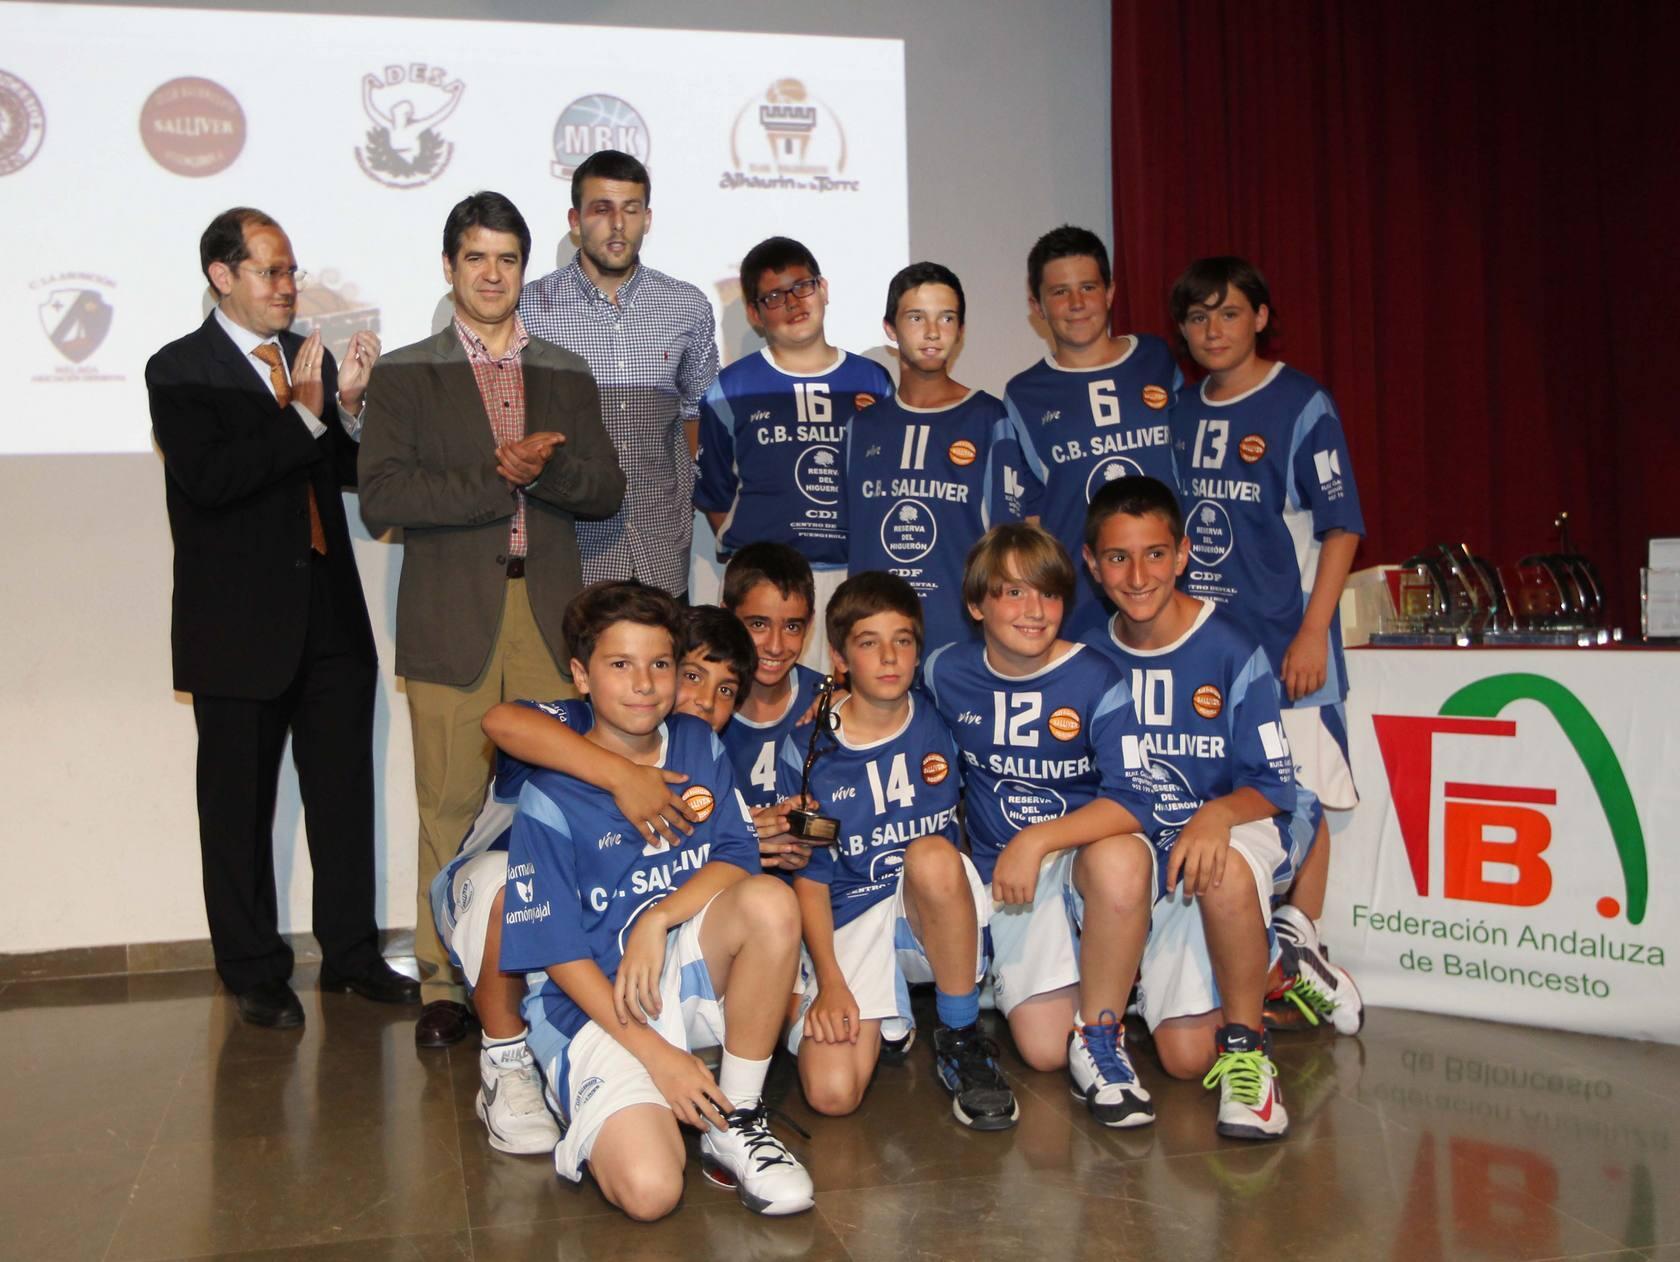 La gala del baloncesto provincial 2013 reparte sus premios